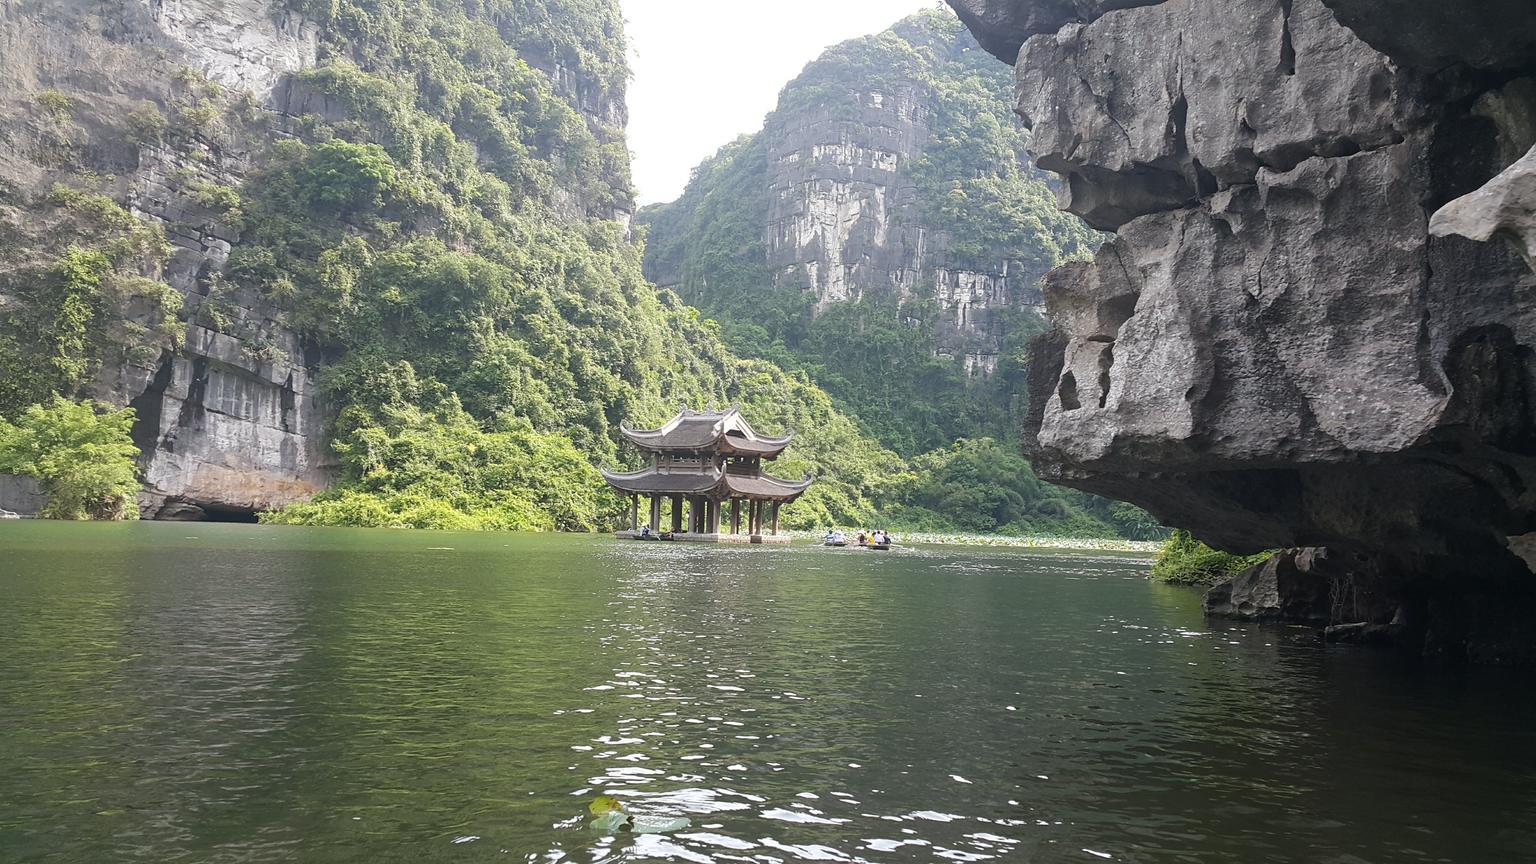 MÁS FOTOS, Día completo en la Pagoda Bai Dinh y Trang An desde Hanoi